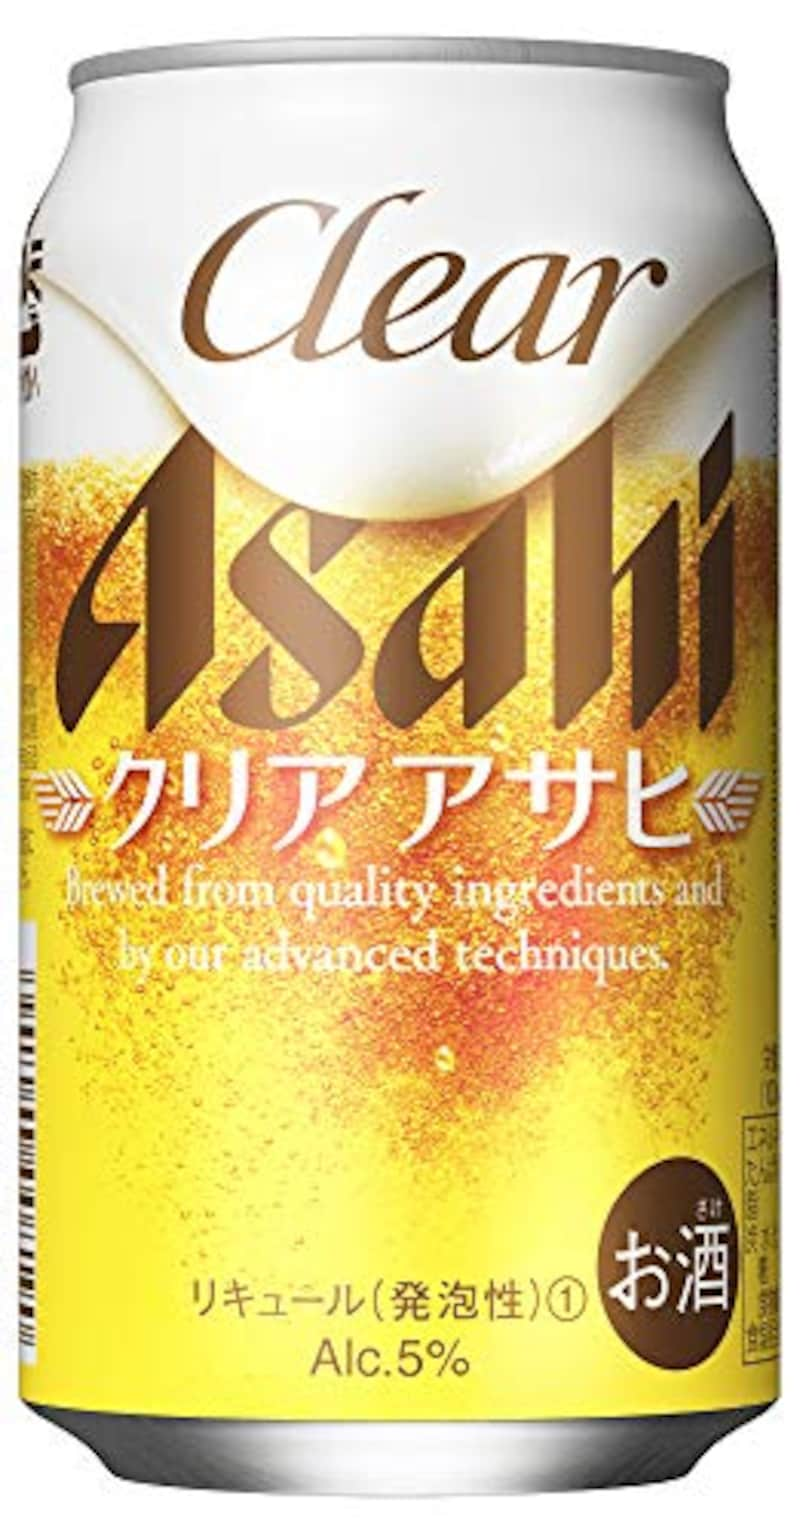 アサヒビール,クリアアサヒ